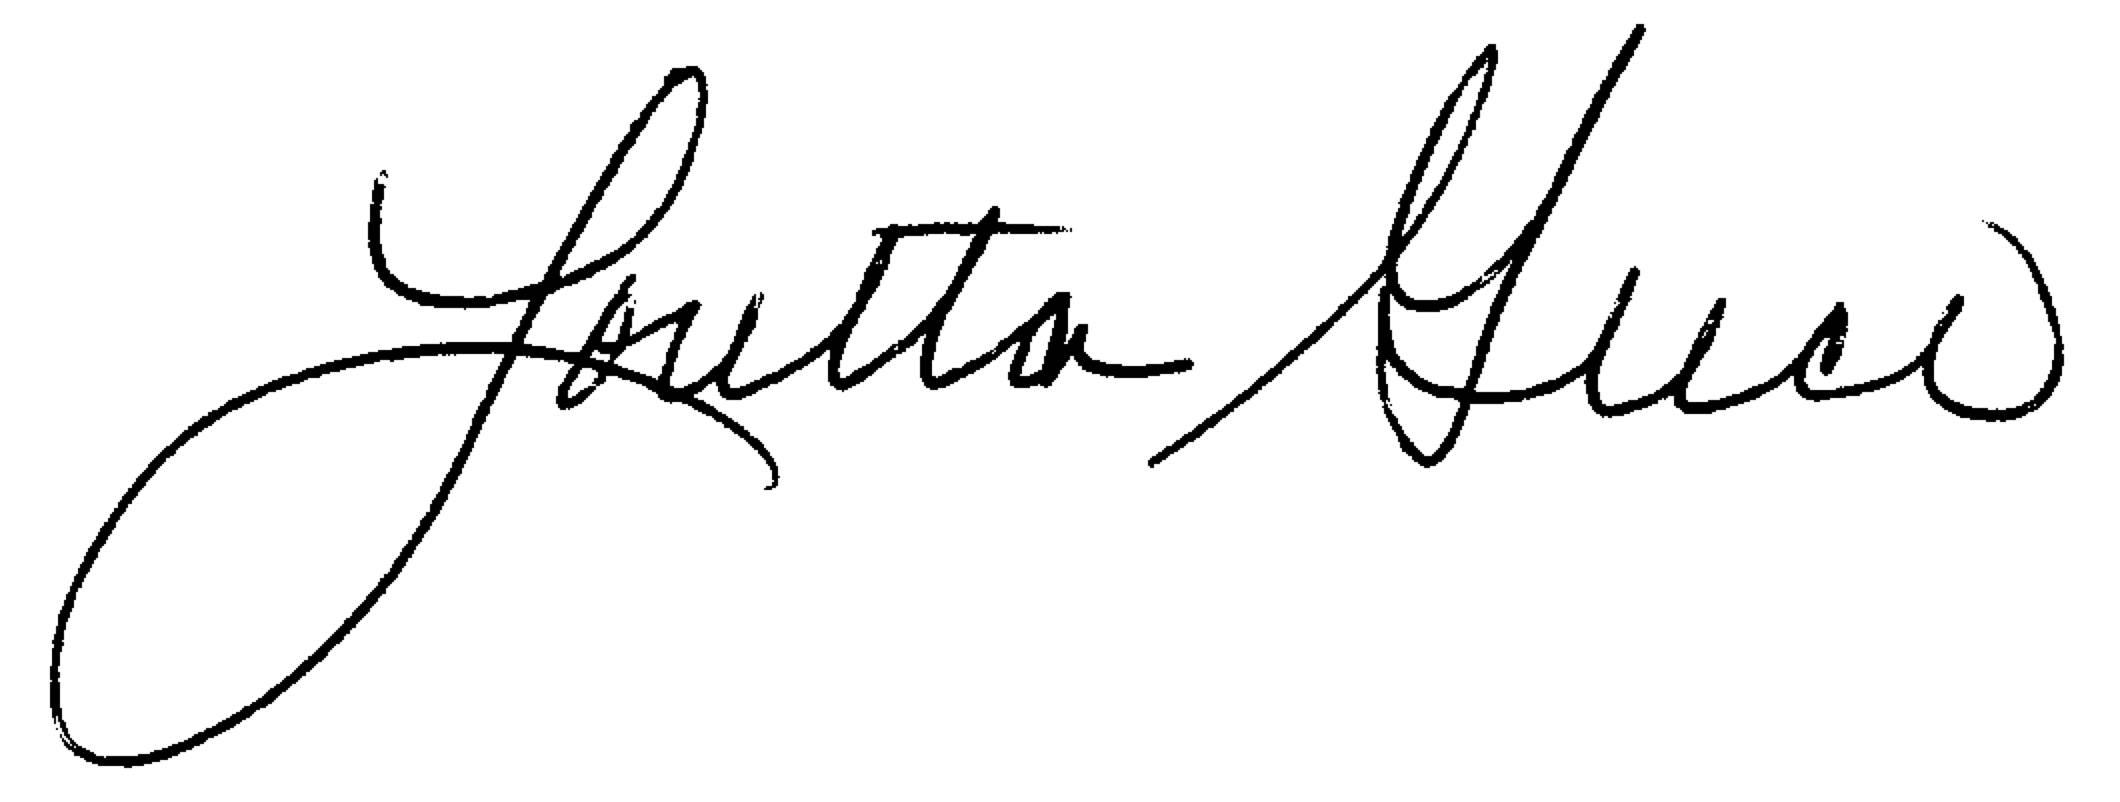 signature_loretta.jpg